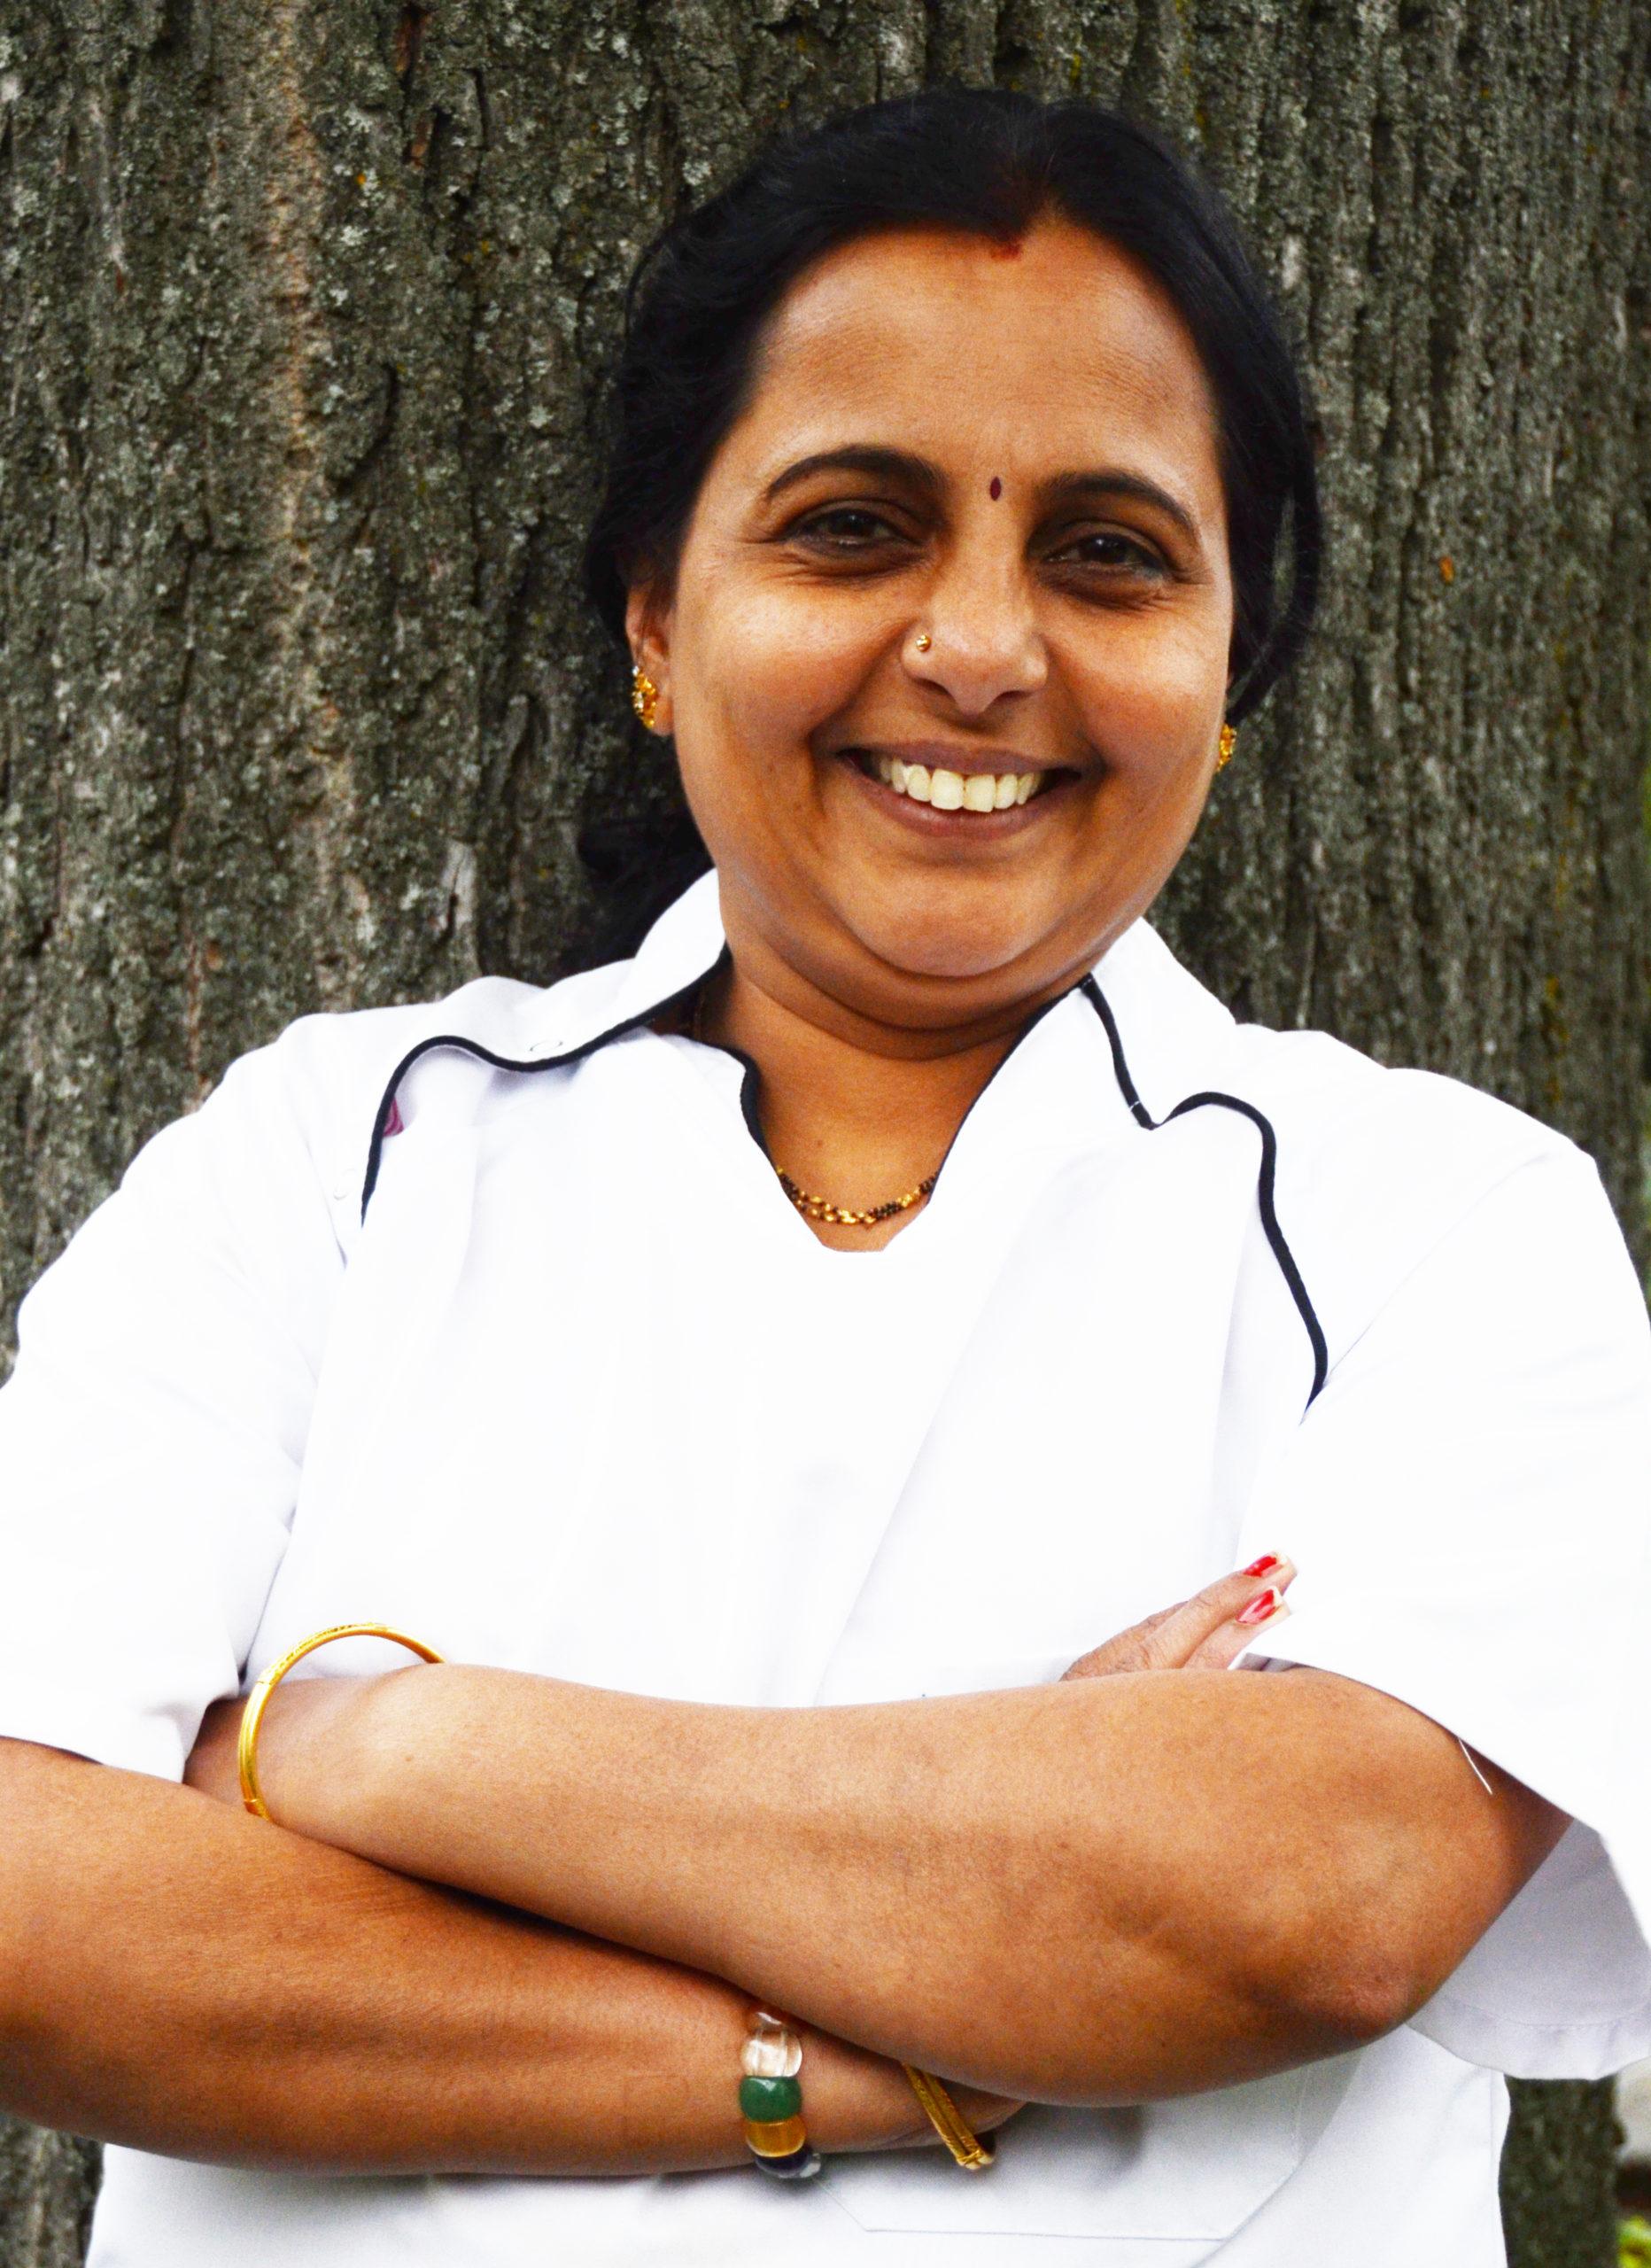 Radha Bhashyam Köchin für Indische Spezialitäten